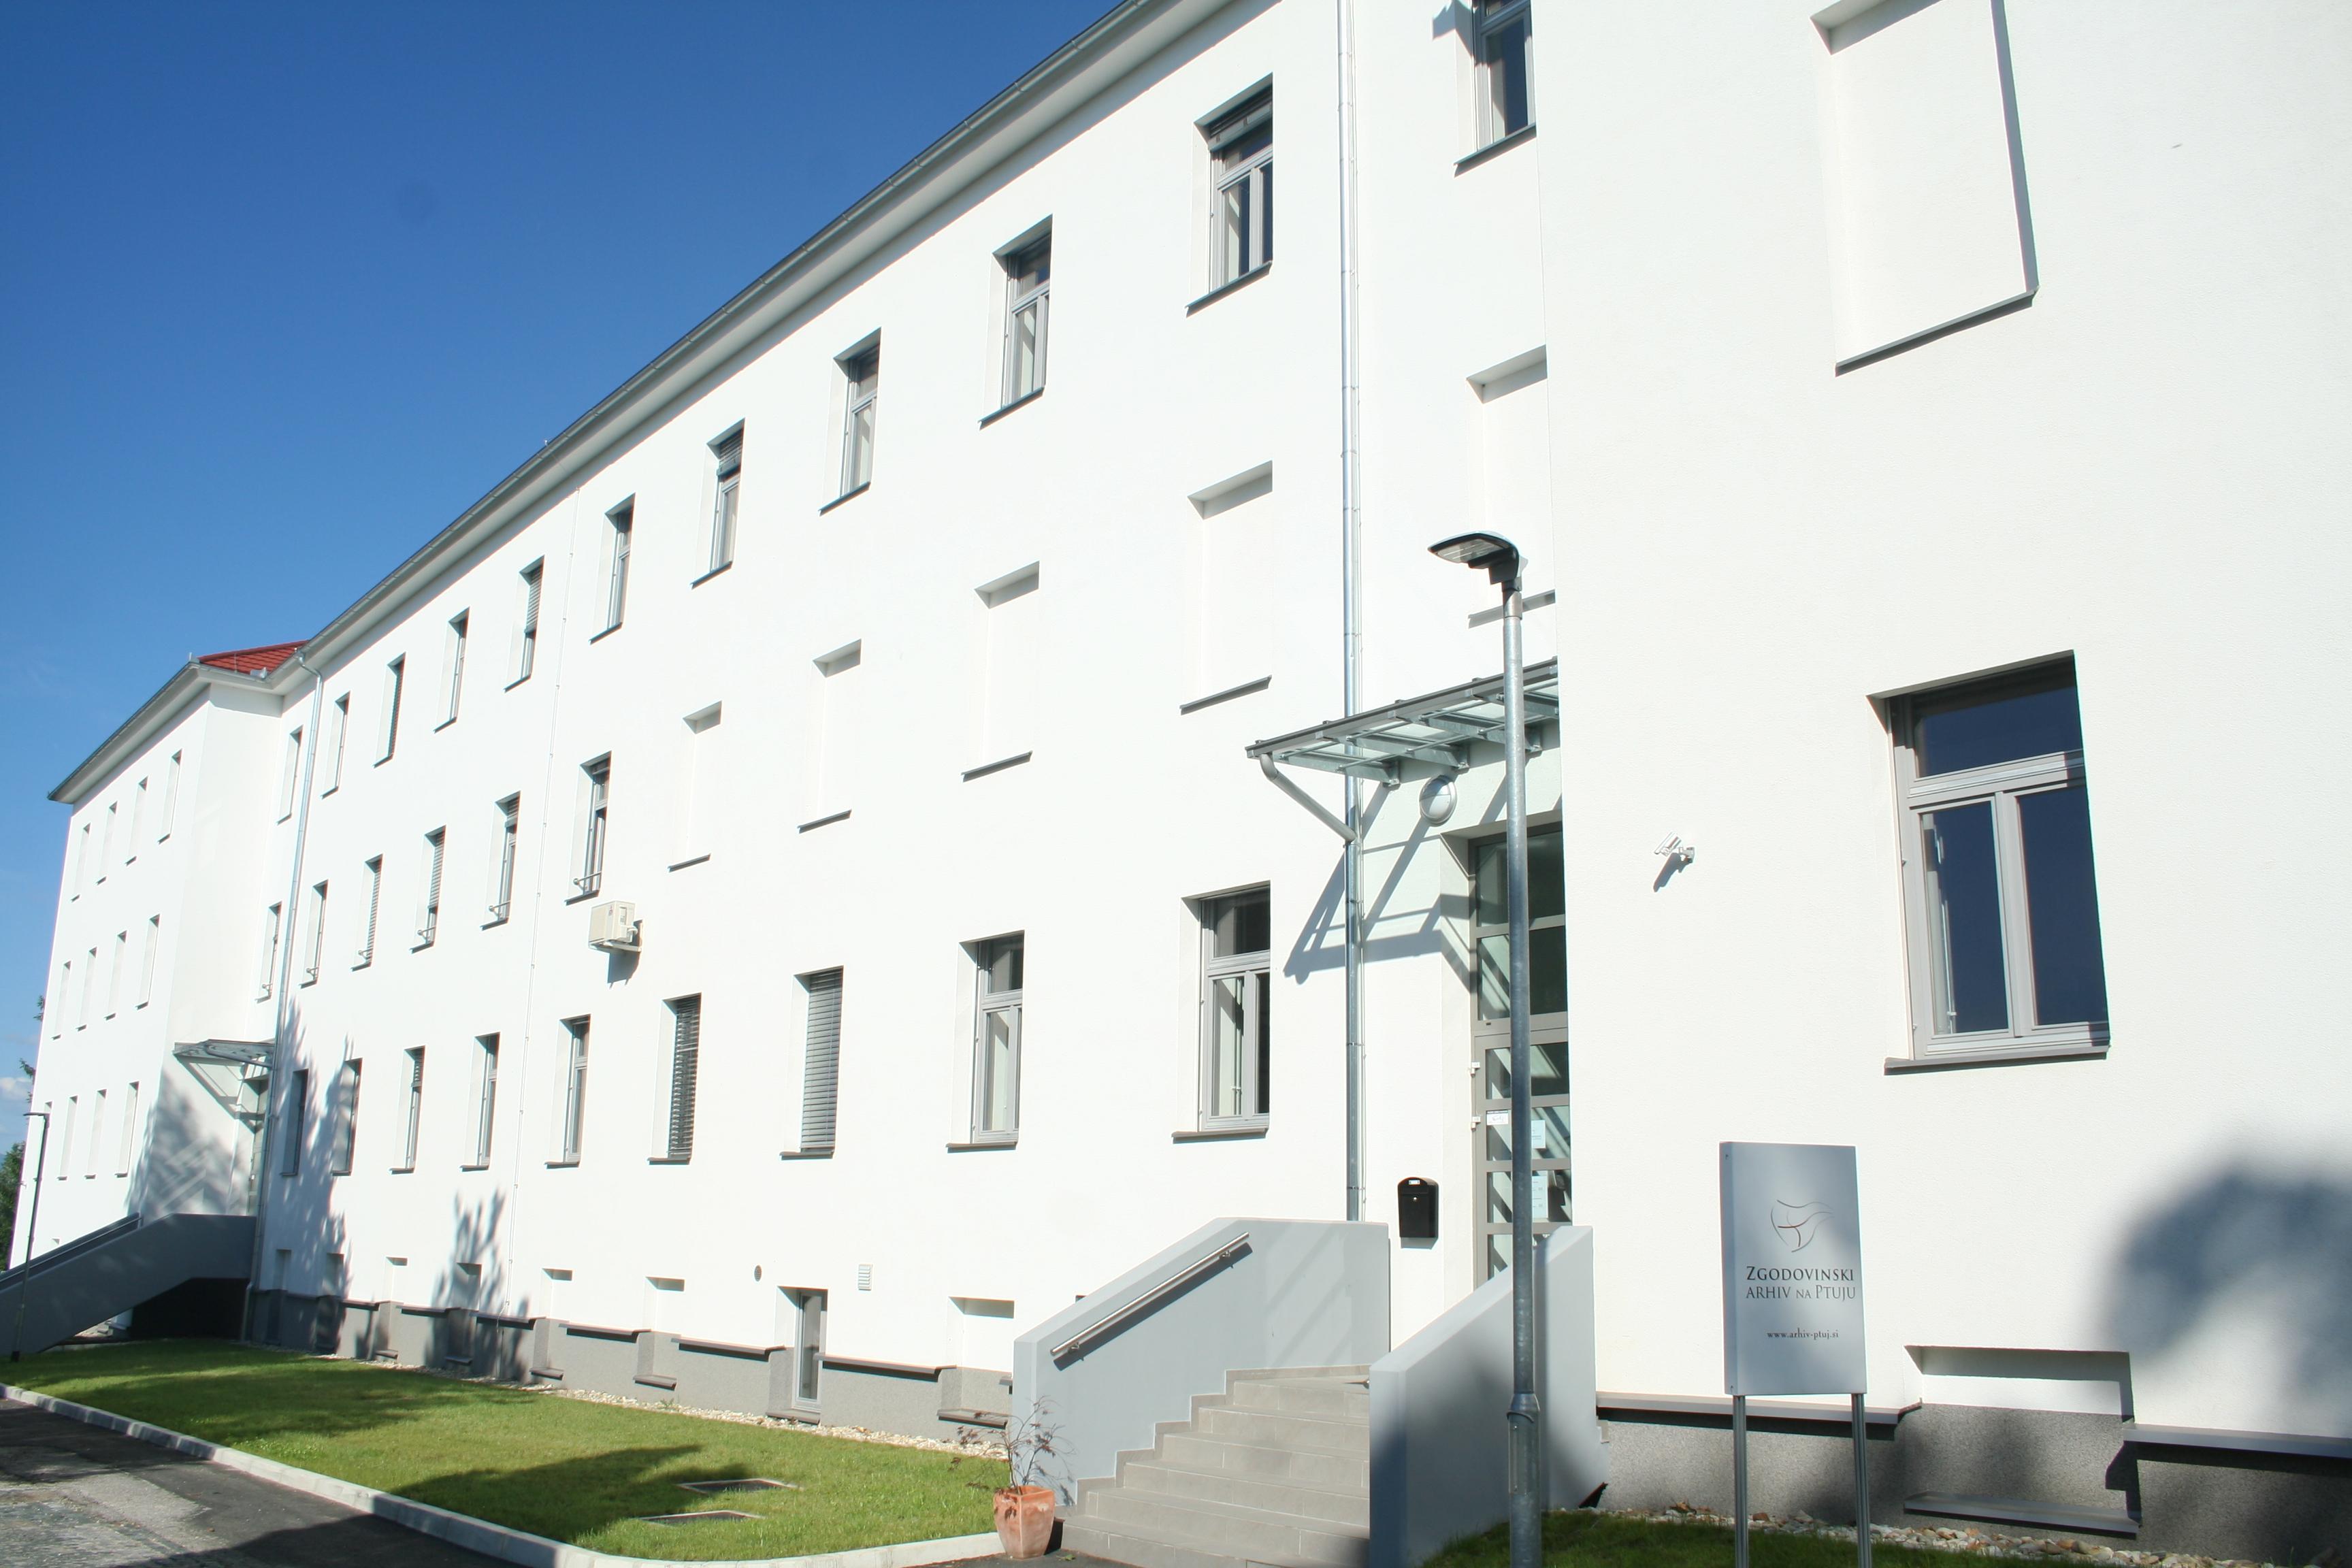 Fotografija stavbe Zgodovinskega arhiva na Ptuju